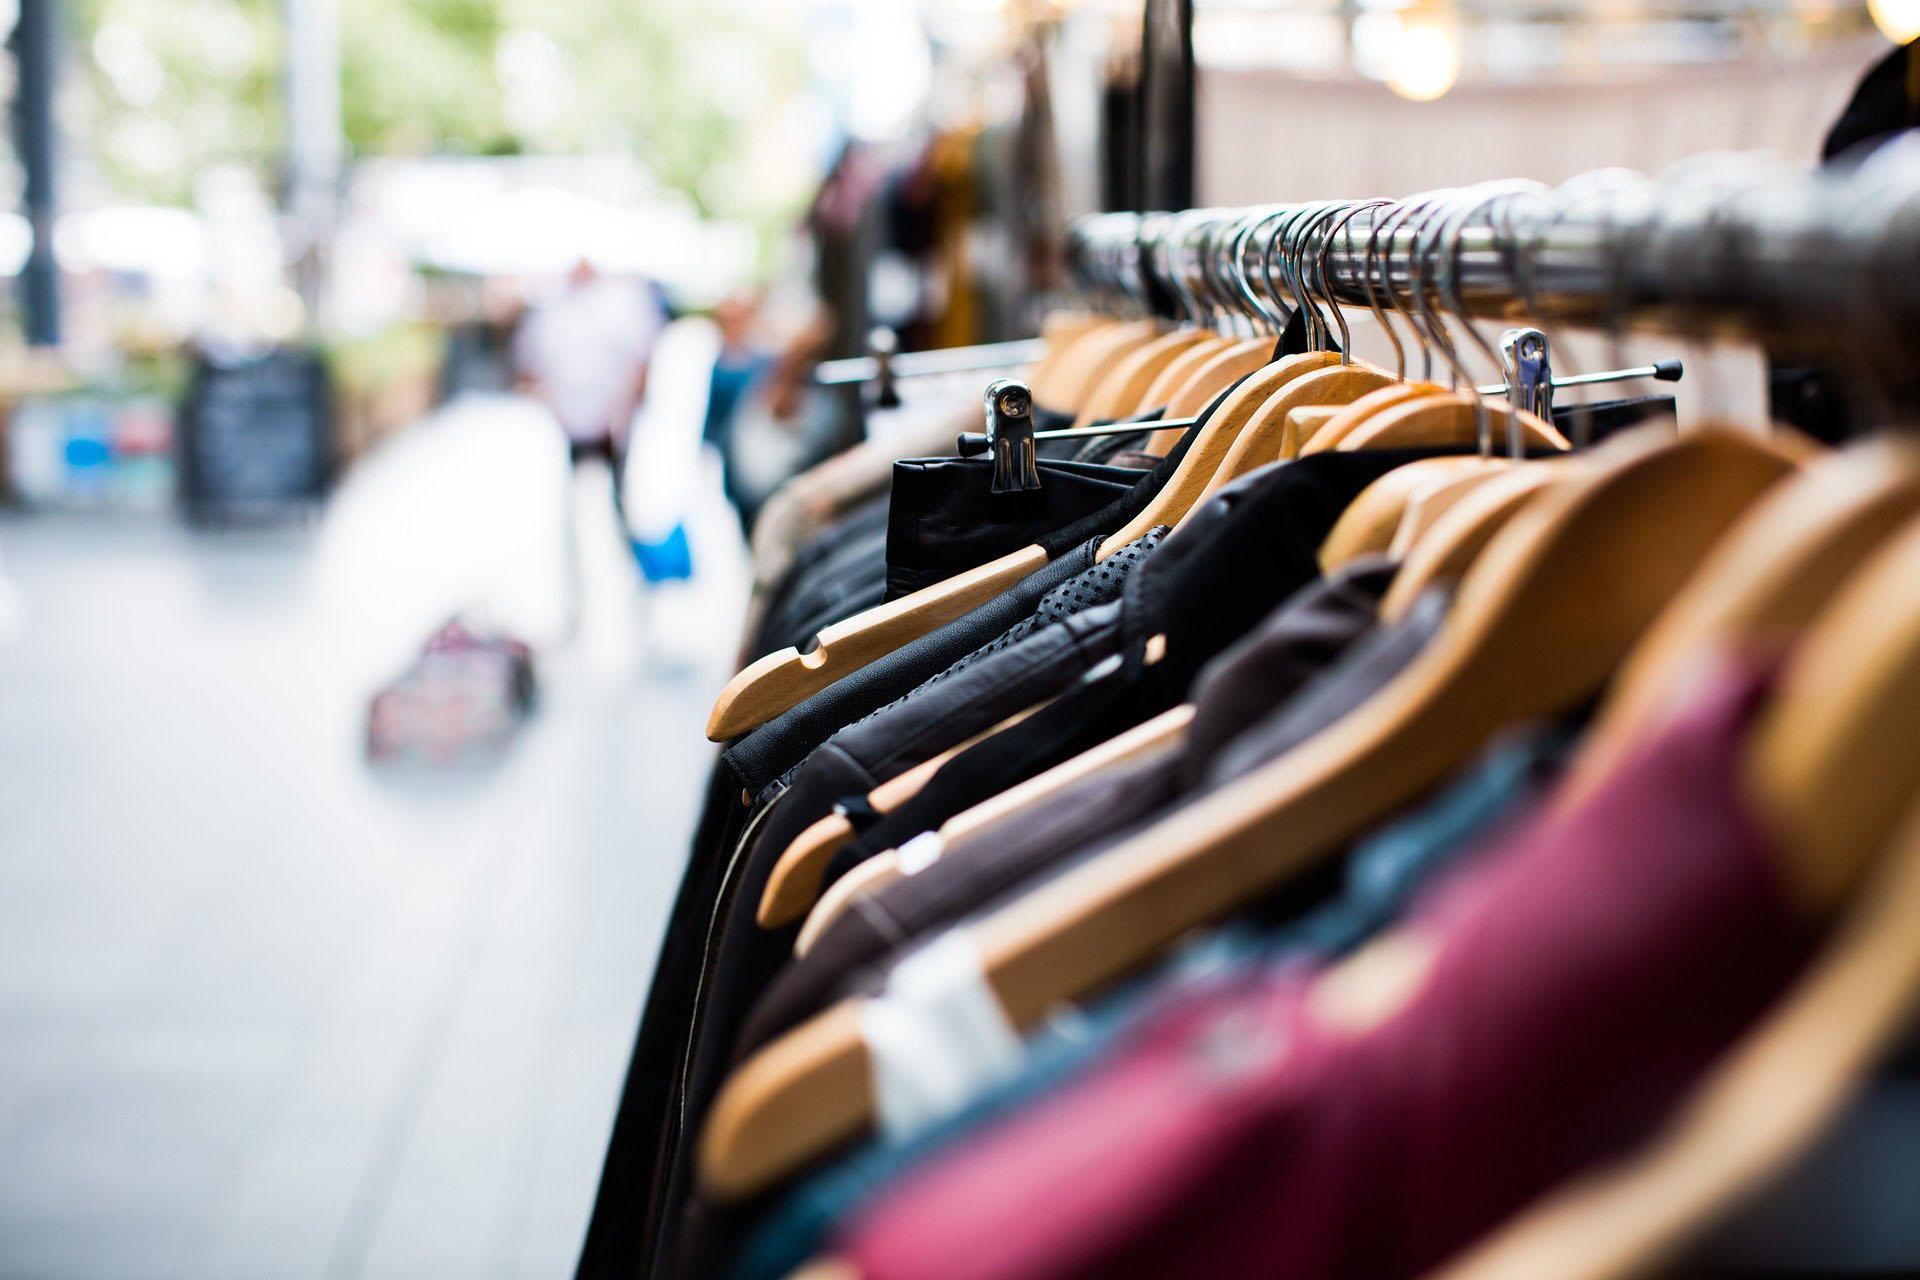 Εμπορικά καταστήματα: Αλλαγές στο μέγιστο αριθμό πελατών